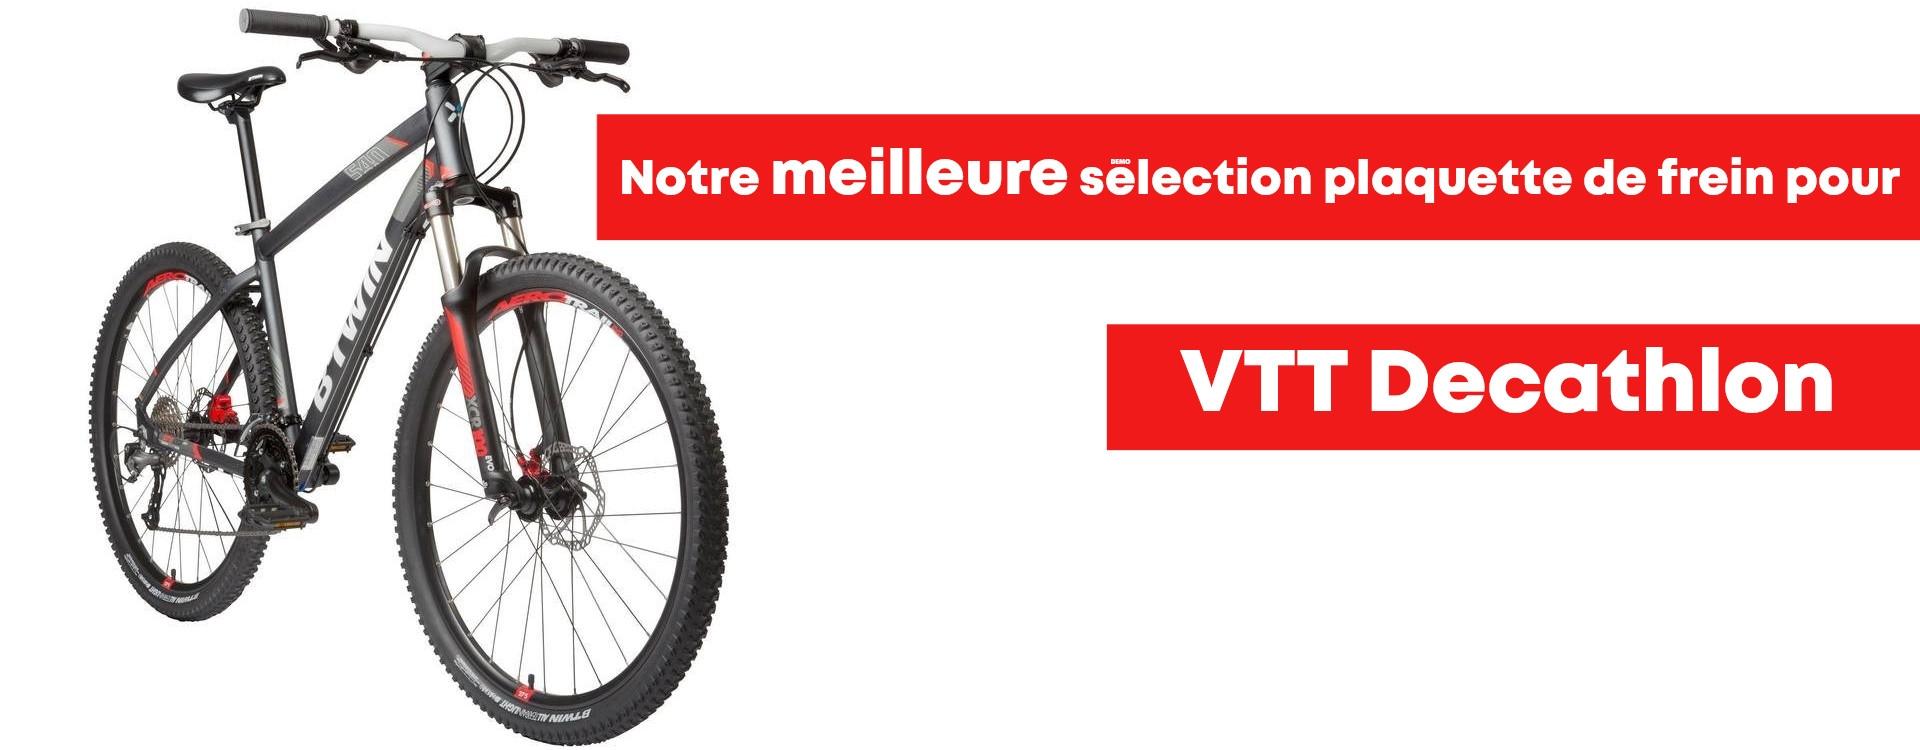 Plaquette de freins VTT Decathlon, notre meilleur choix !